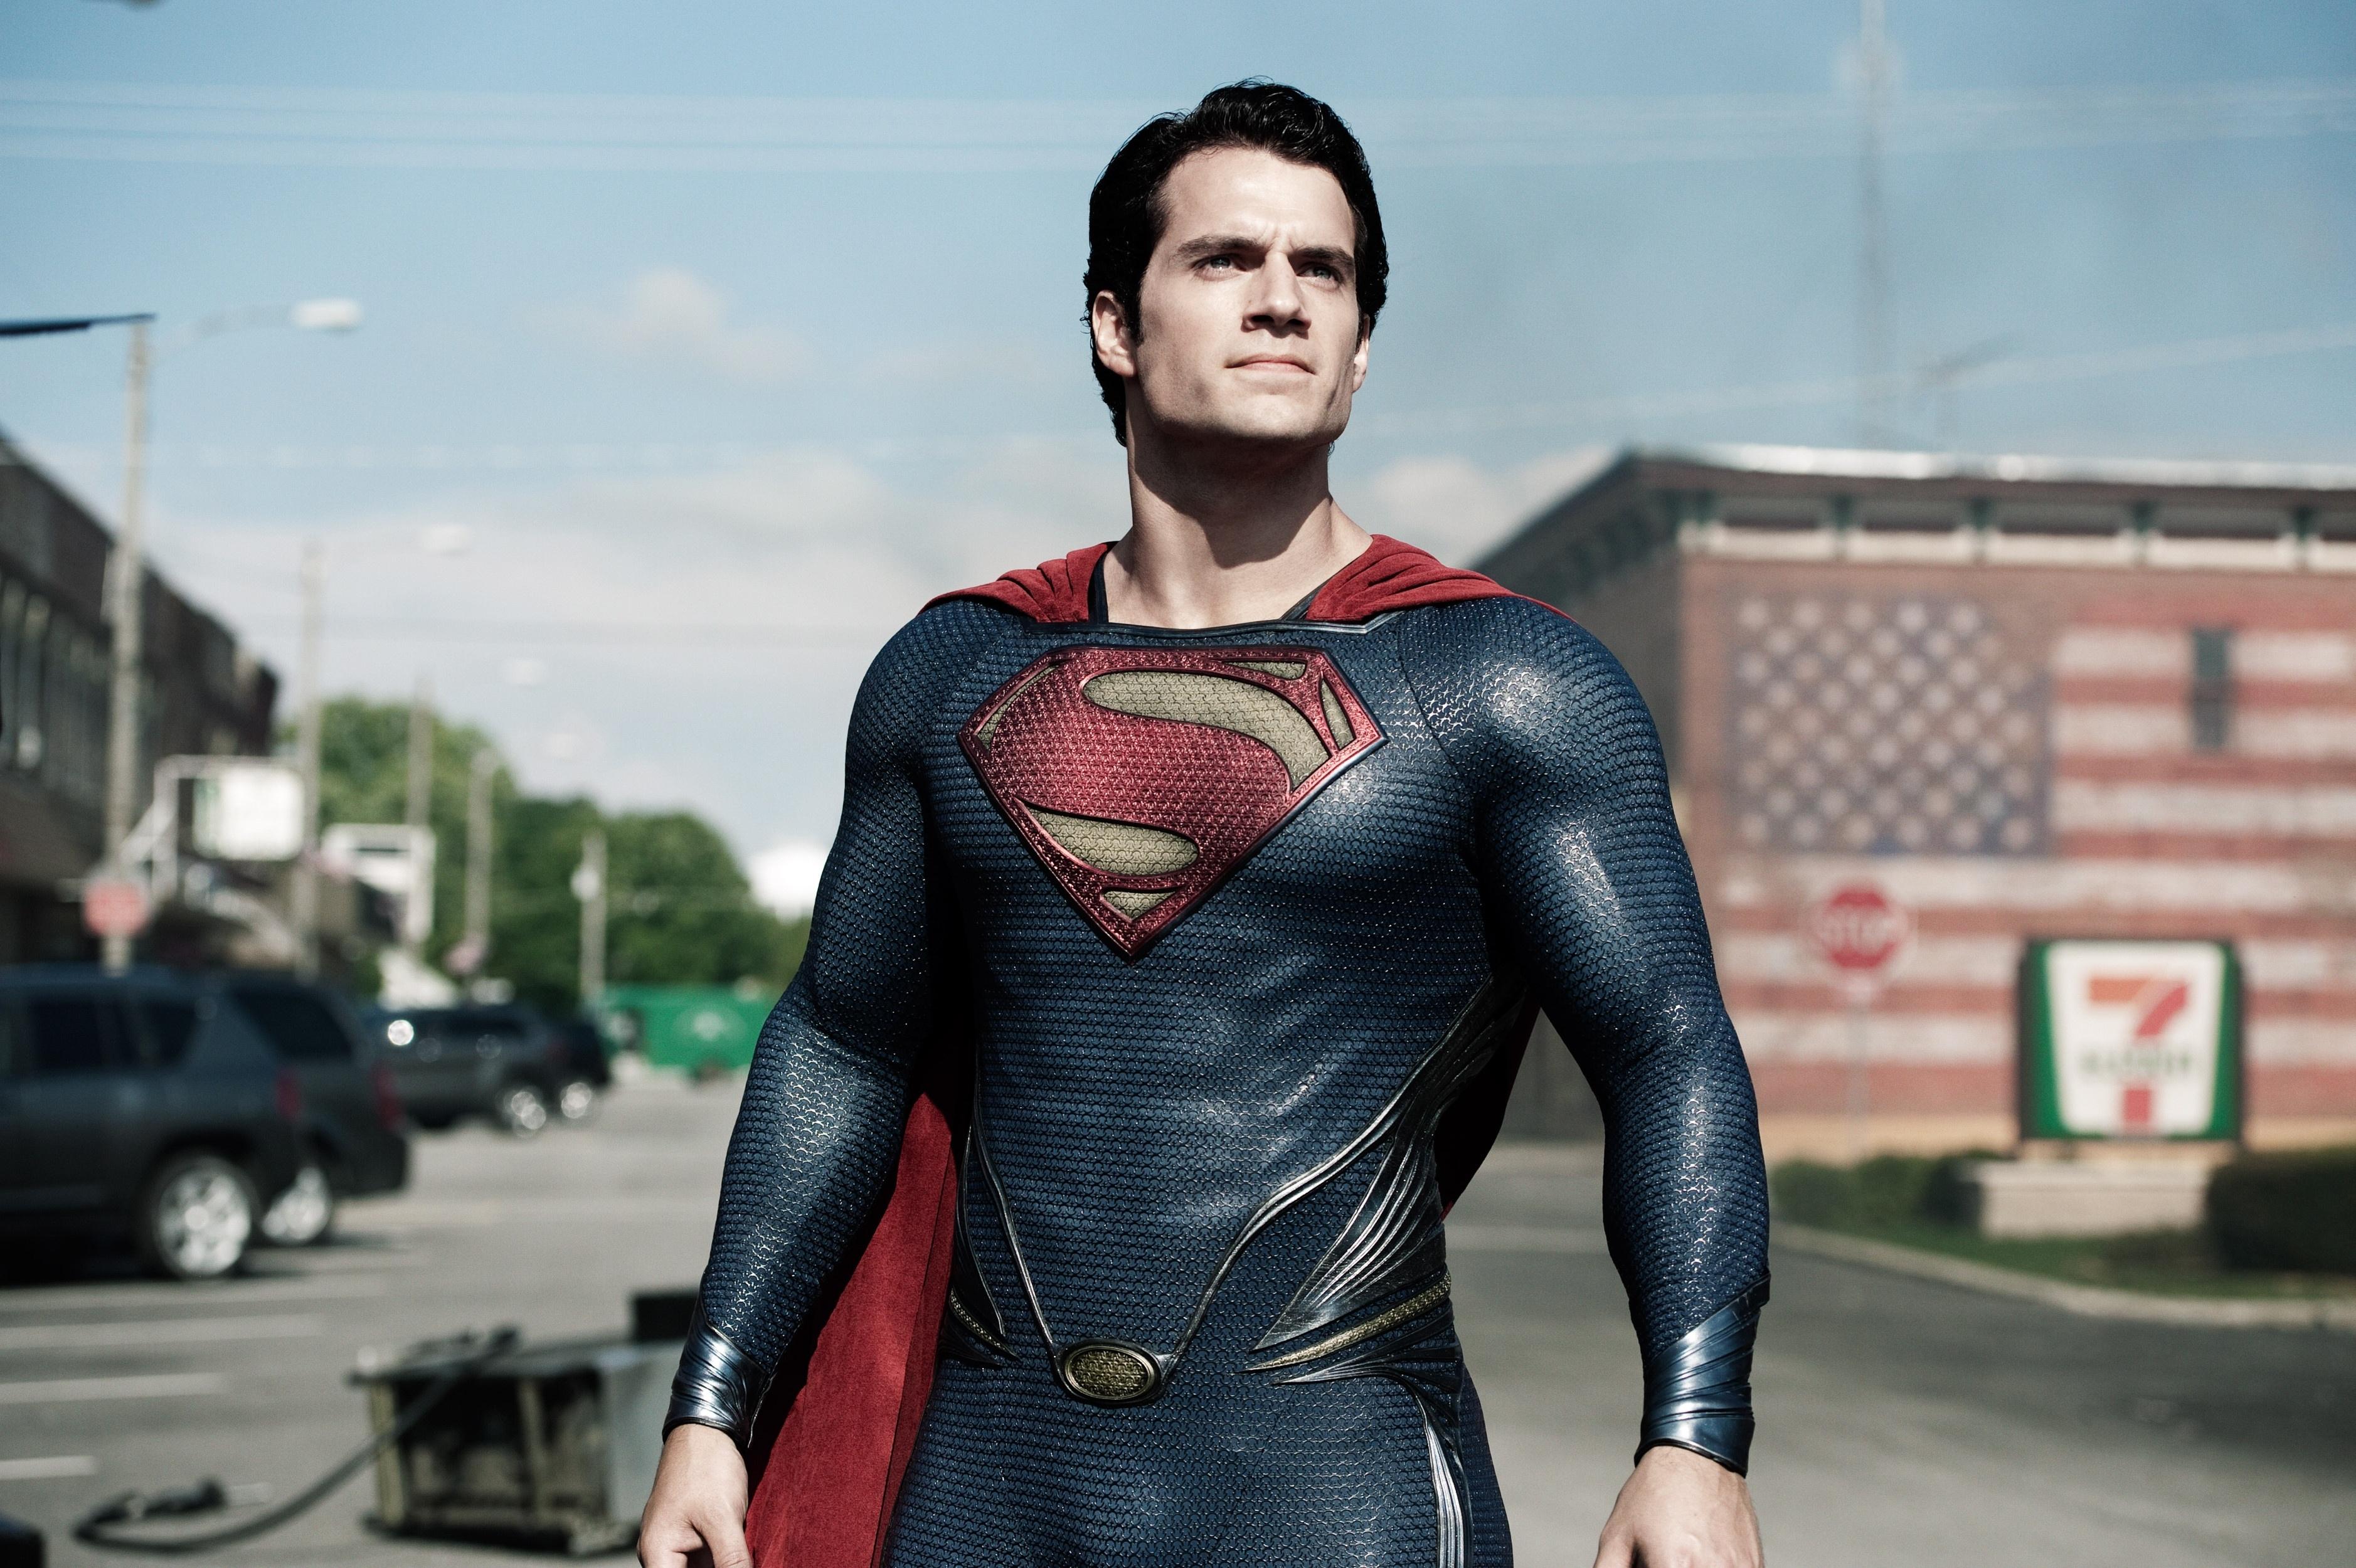 乌龙还是炒作?亨利辞演超人被曝是假,超人还未立项